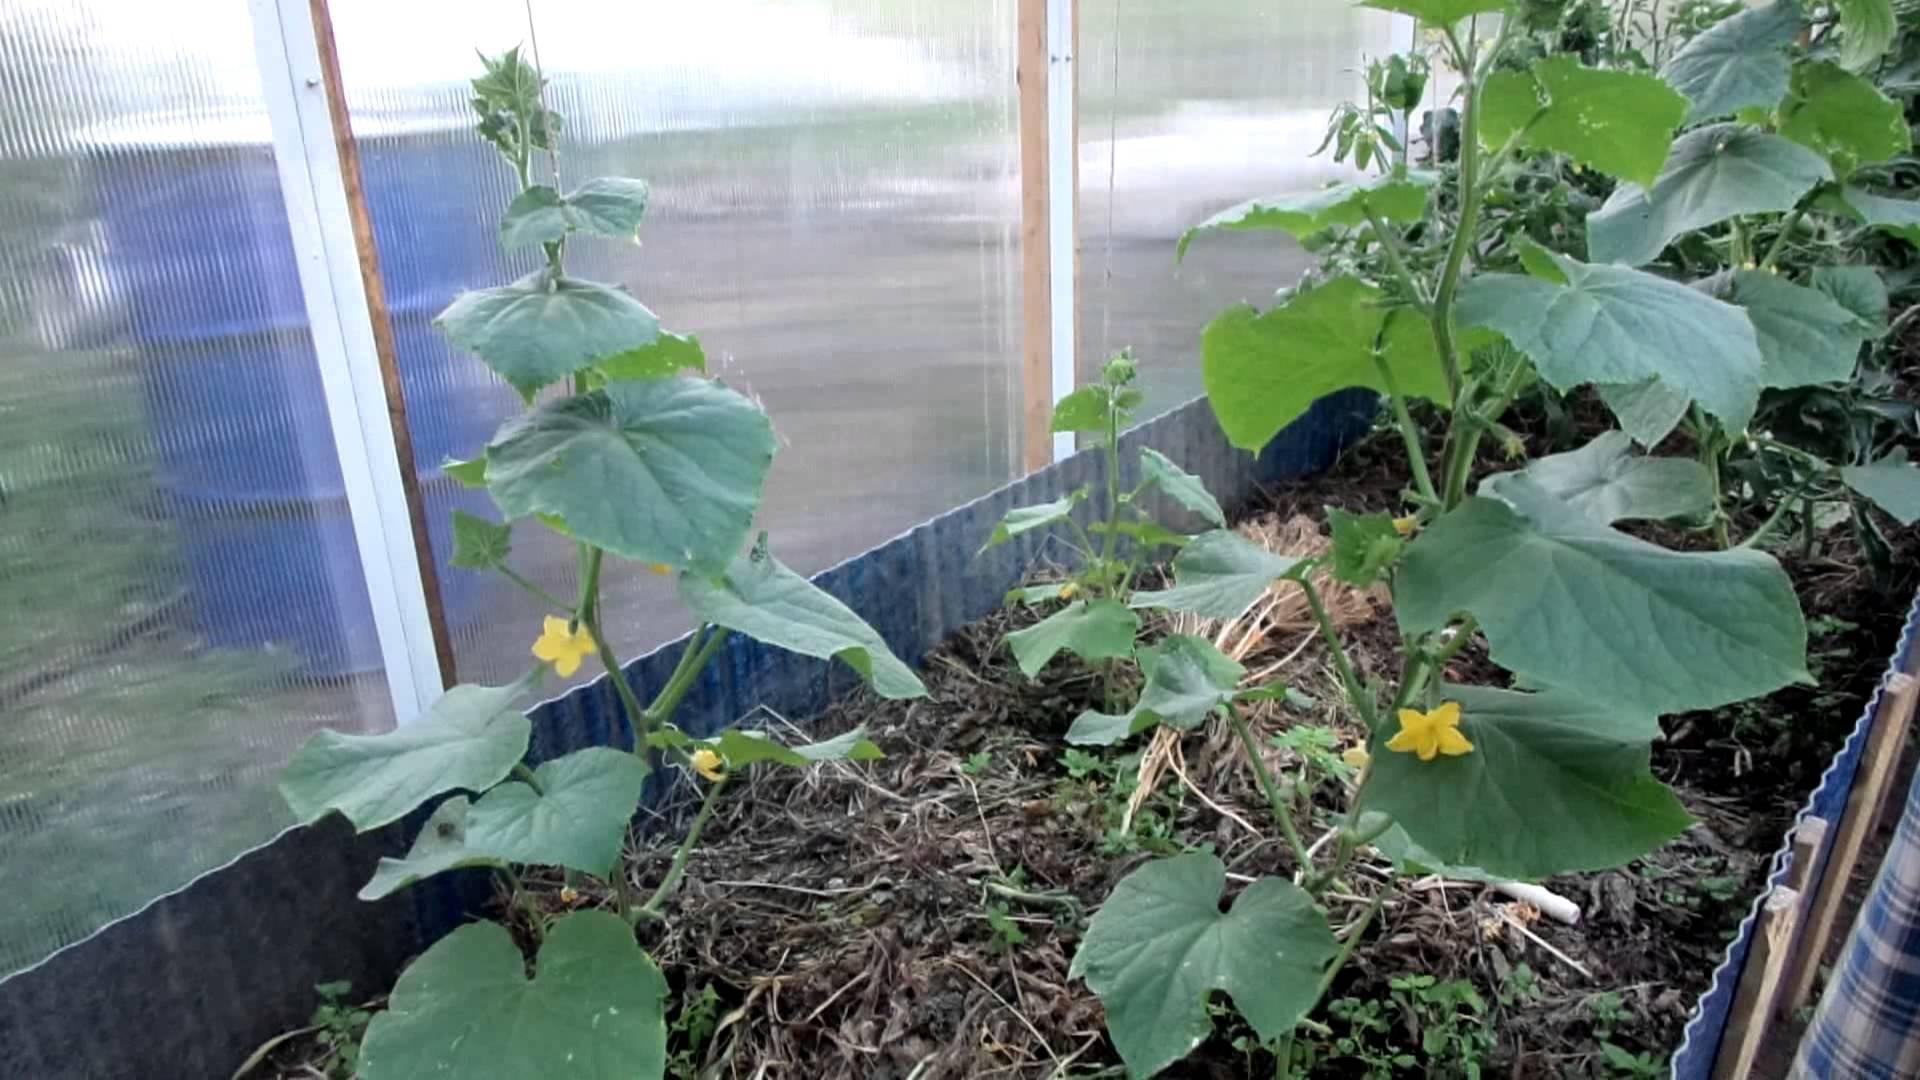 Приготовление дрожжей для подкормки растений: как удобрять дрожжами огурцы и помидоры, перцы, клубнику и цветы